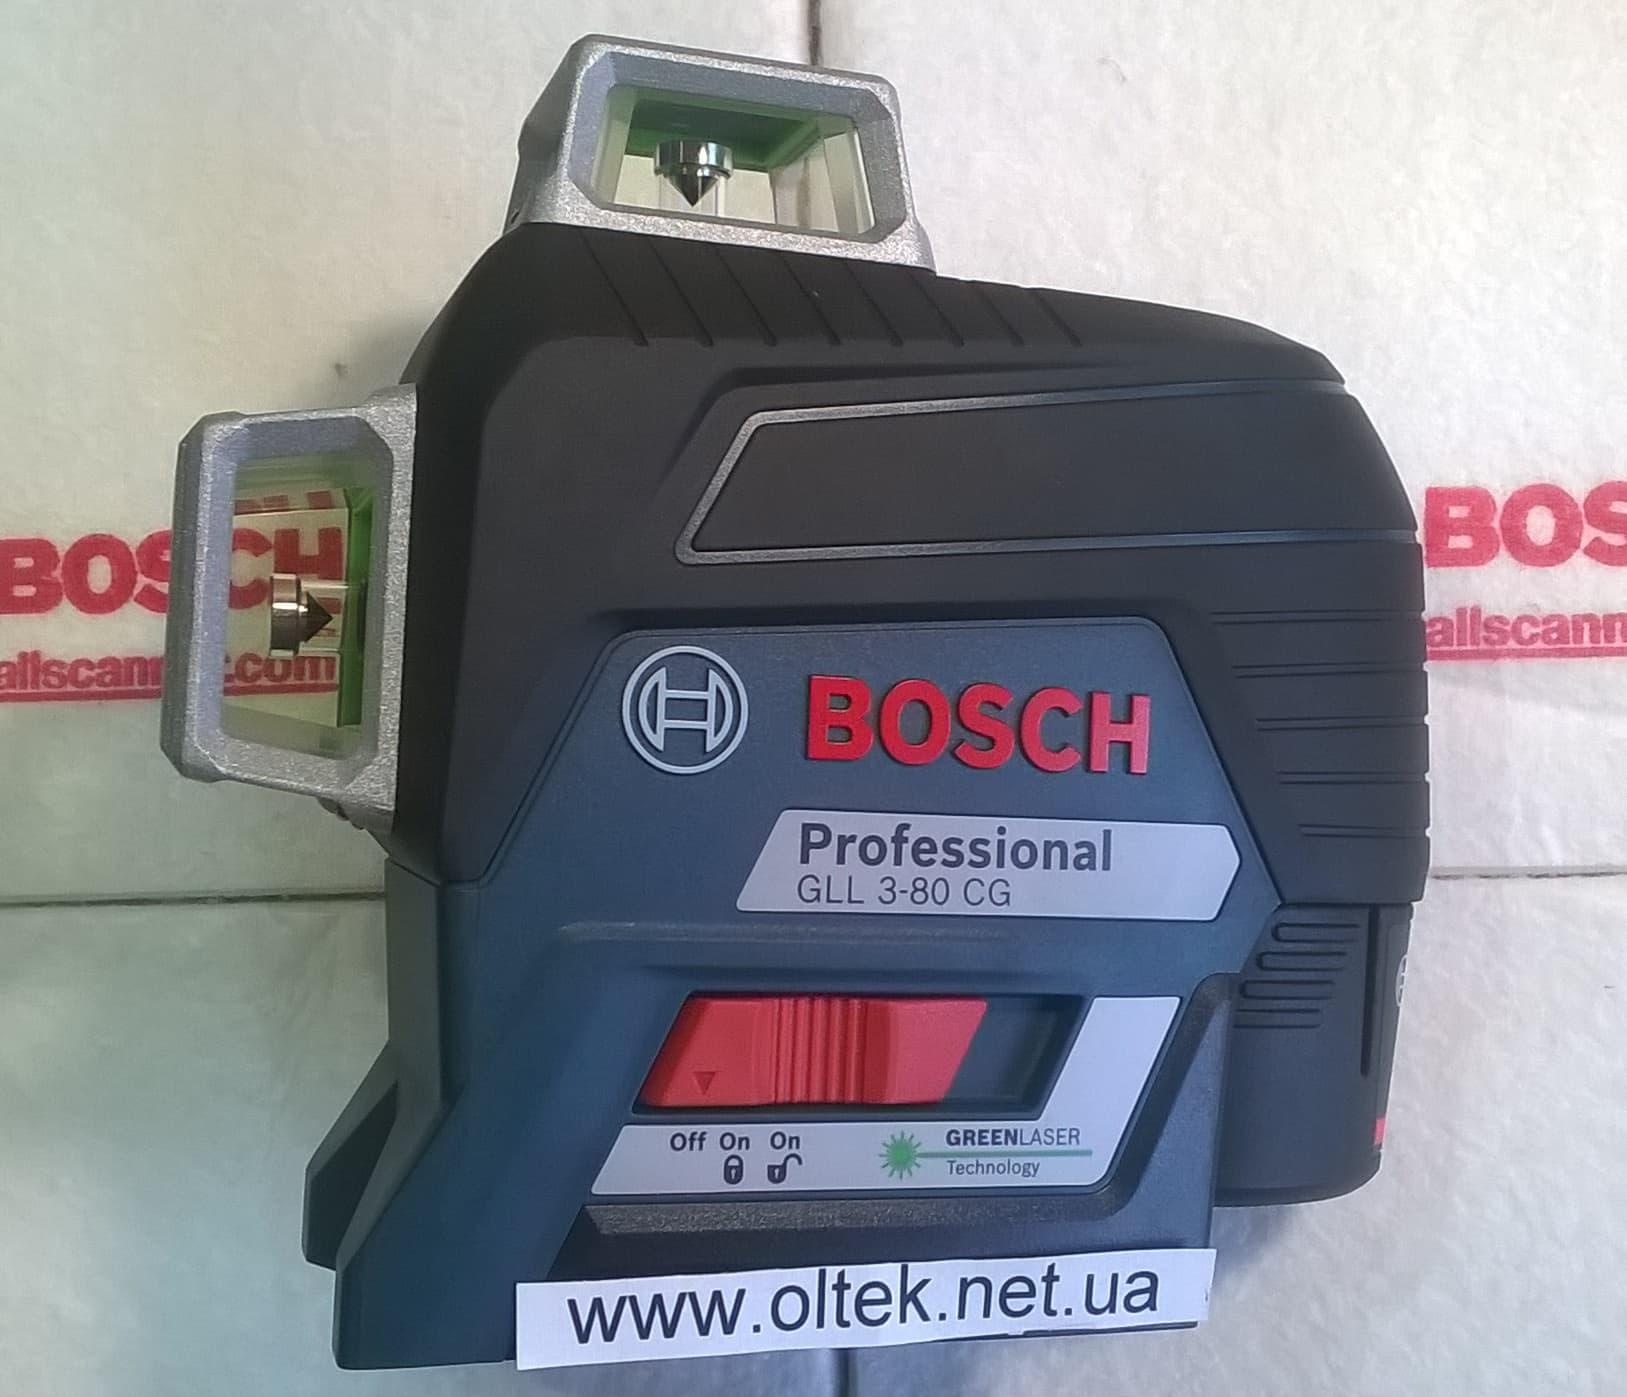 bosch-GLL-3-80-CG-oltek-net-ua